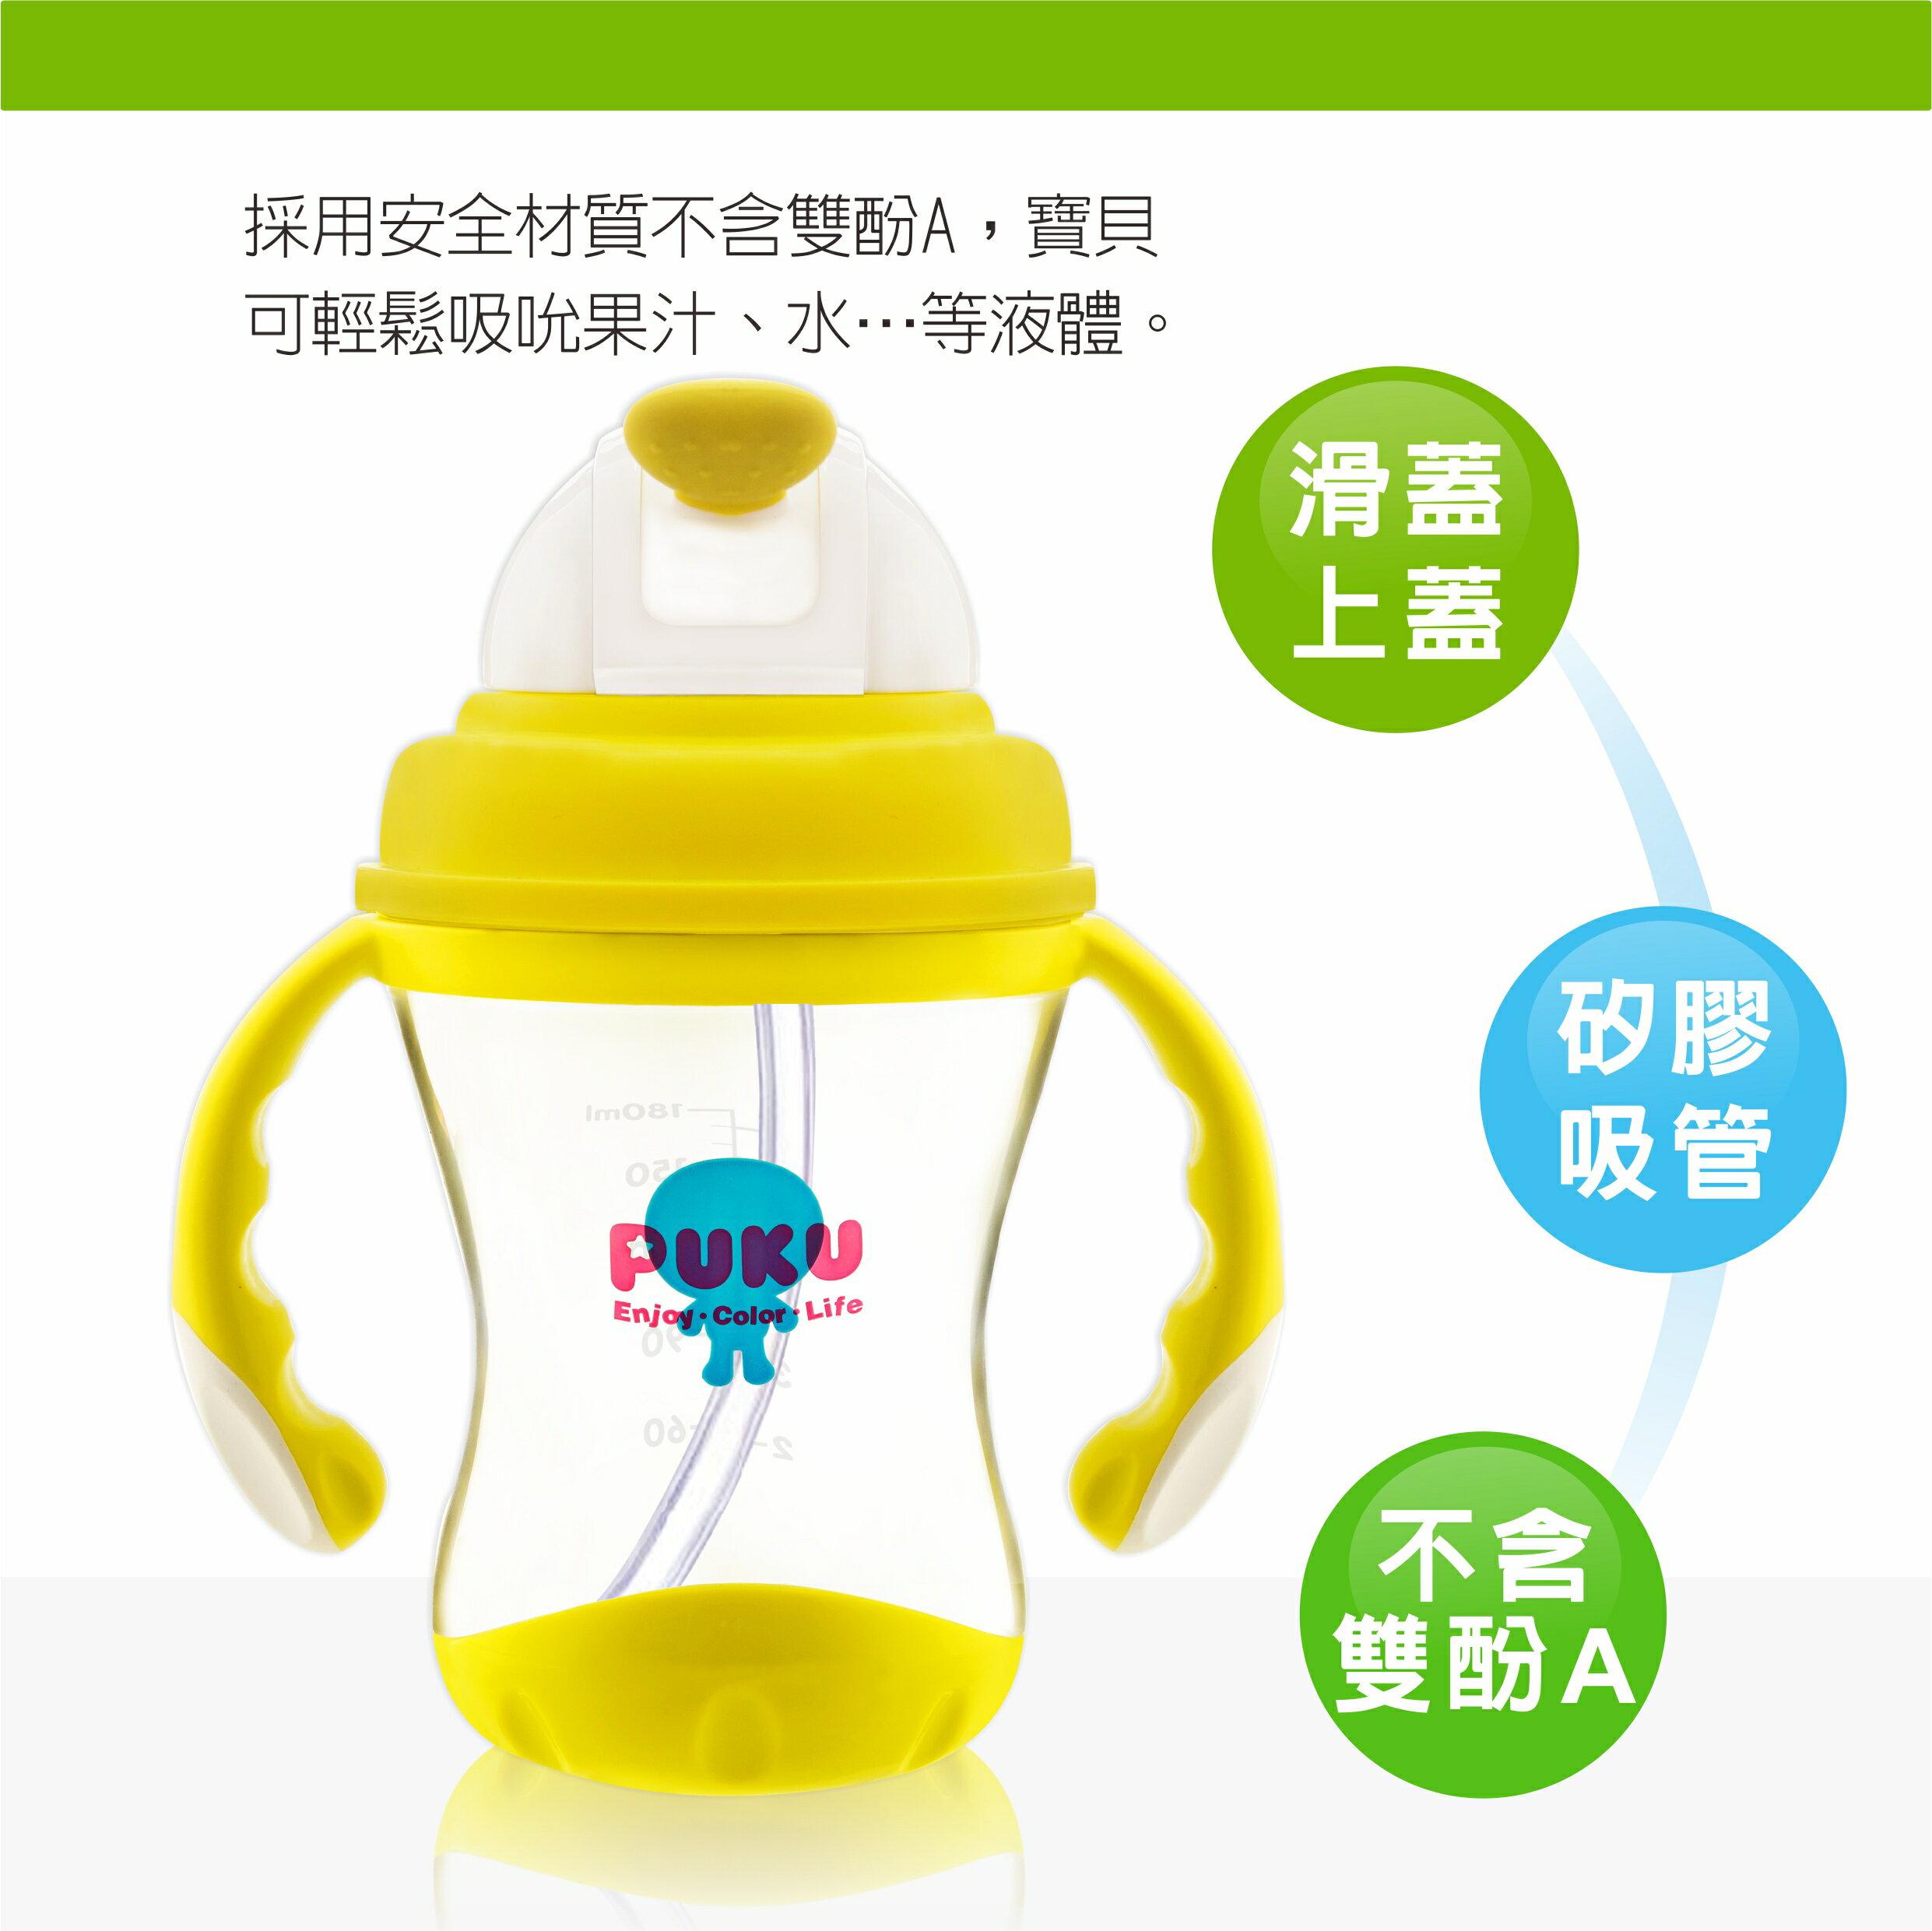 『121婦嬰用品館』PUKU 太空滑蓋吸管練習杯180ml 4